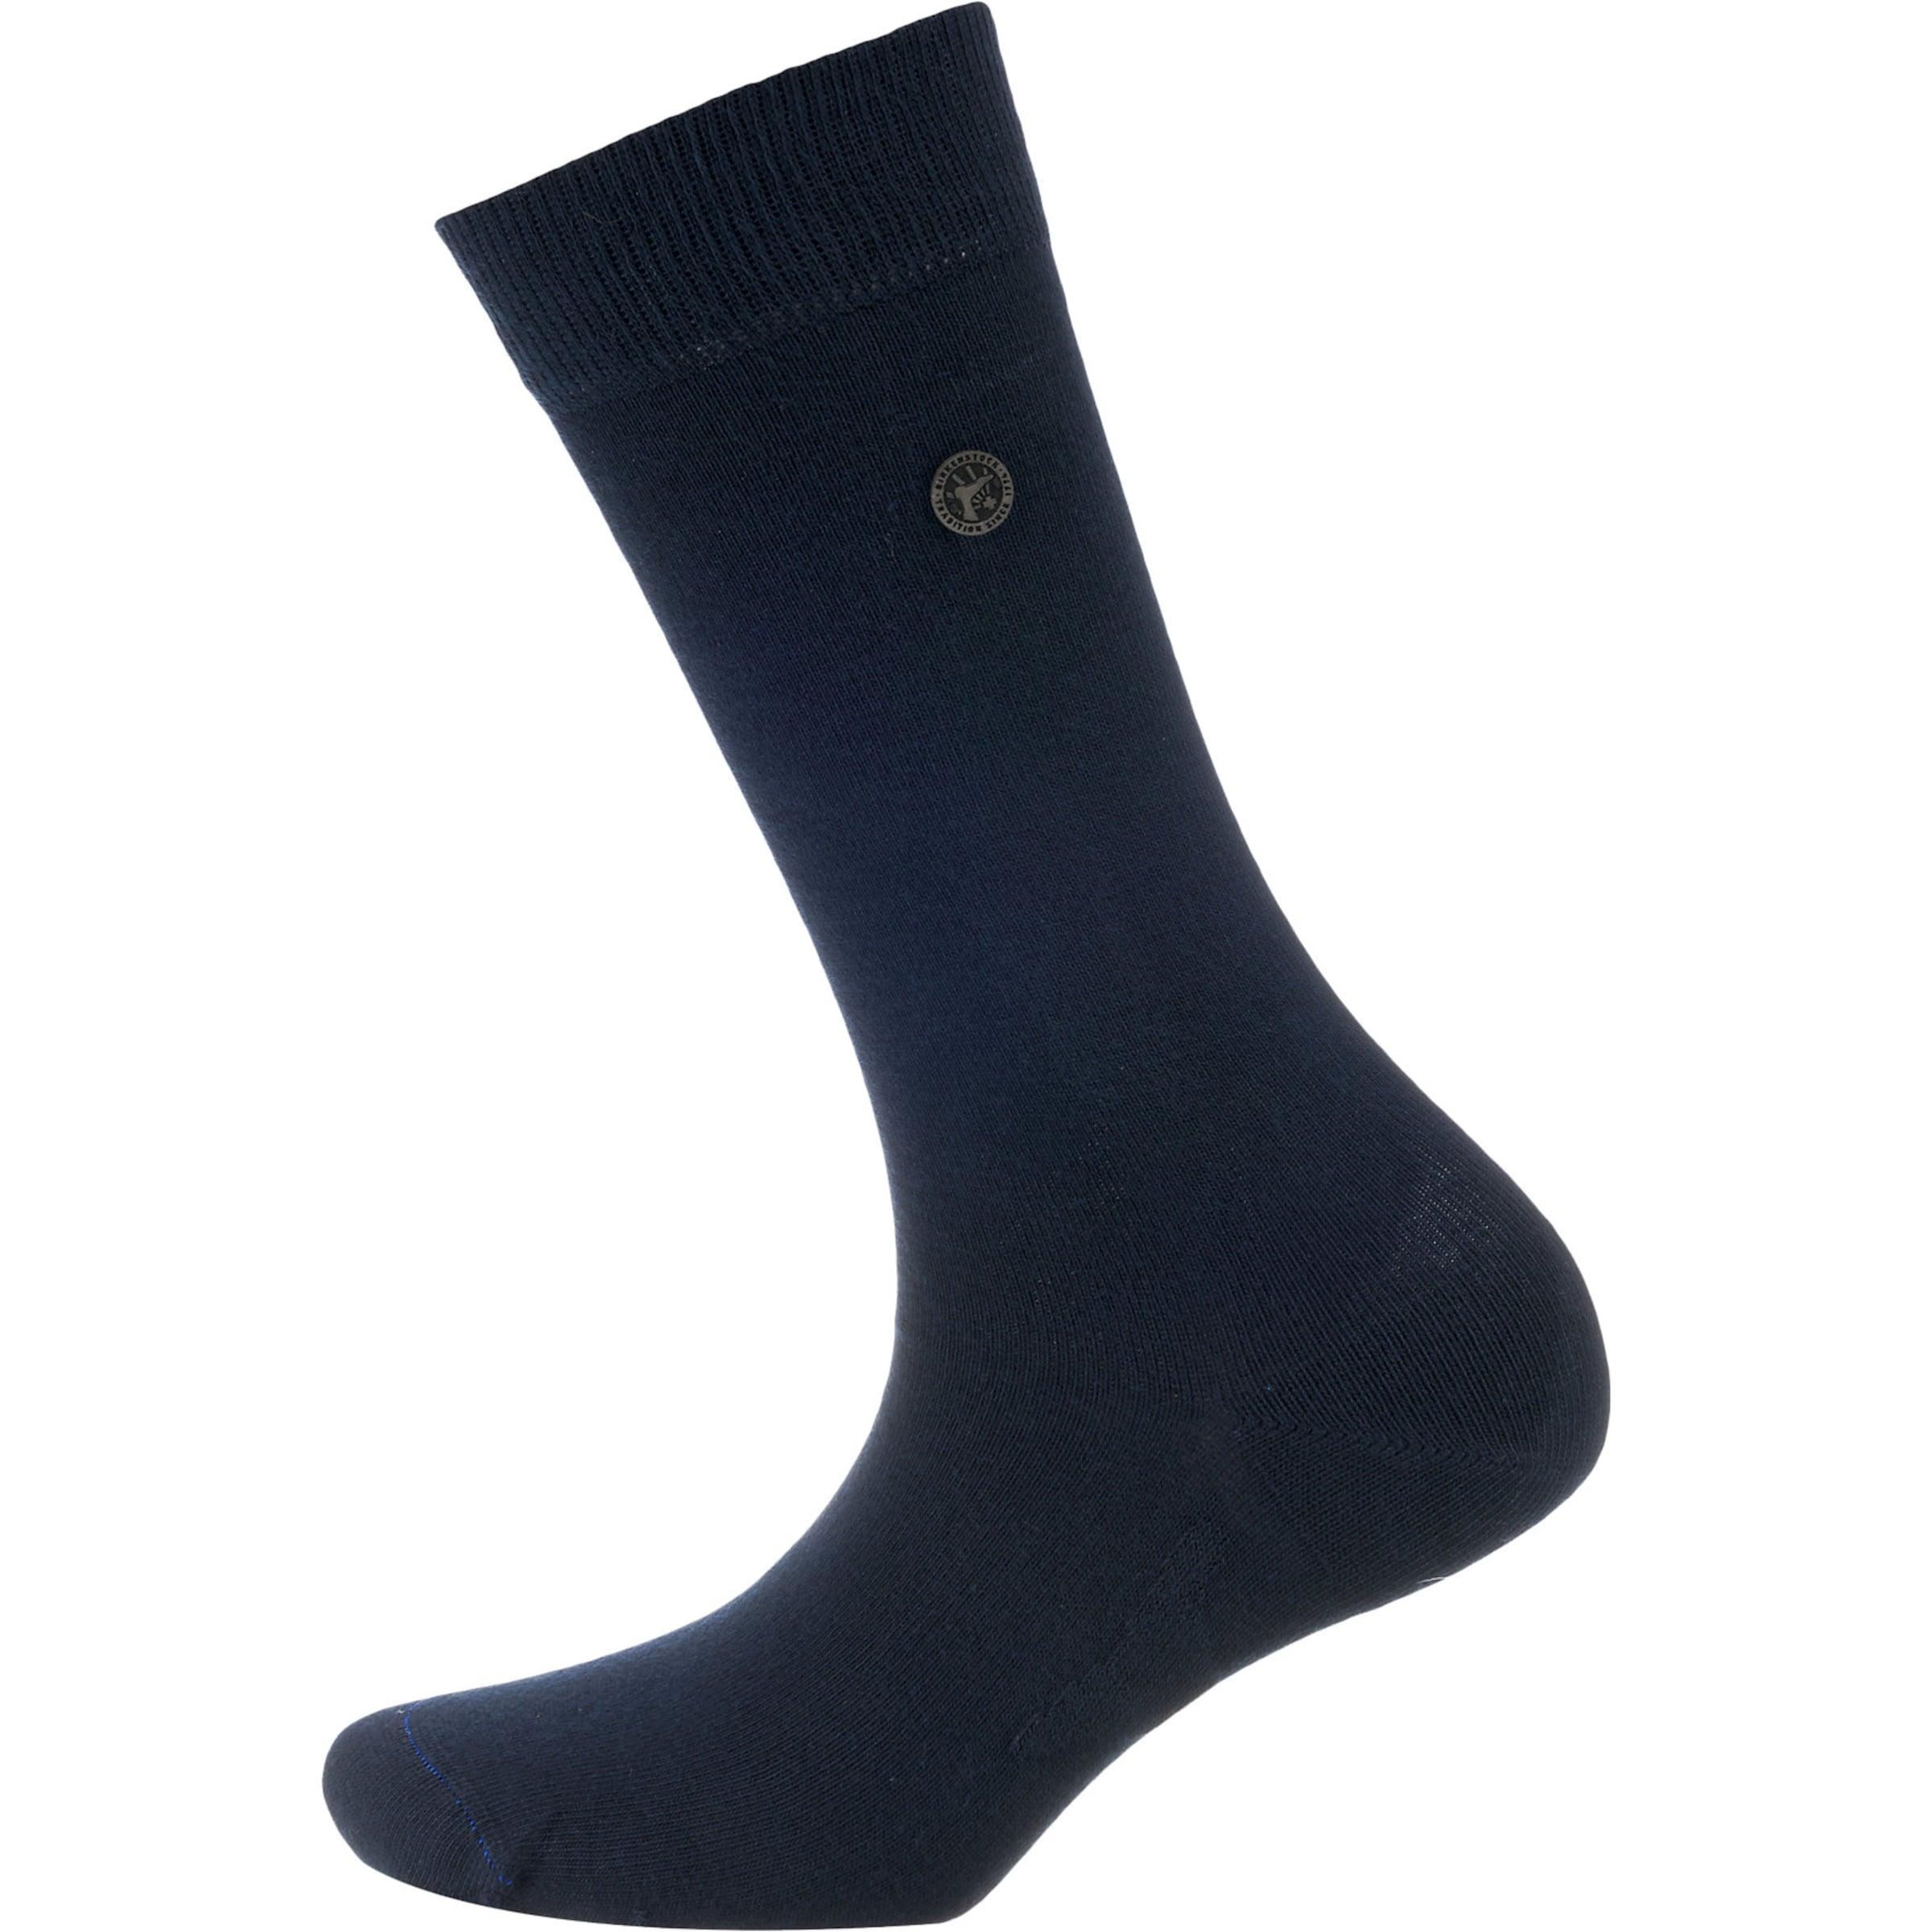 Online-Shopping Online-Verkauf Professioneller Günstiger Preis BIRKENSTOCK ein Paar Socken Billige Eastbay Zahlung Mit Visa Spielraum 2018 Ttp8iGFwV